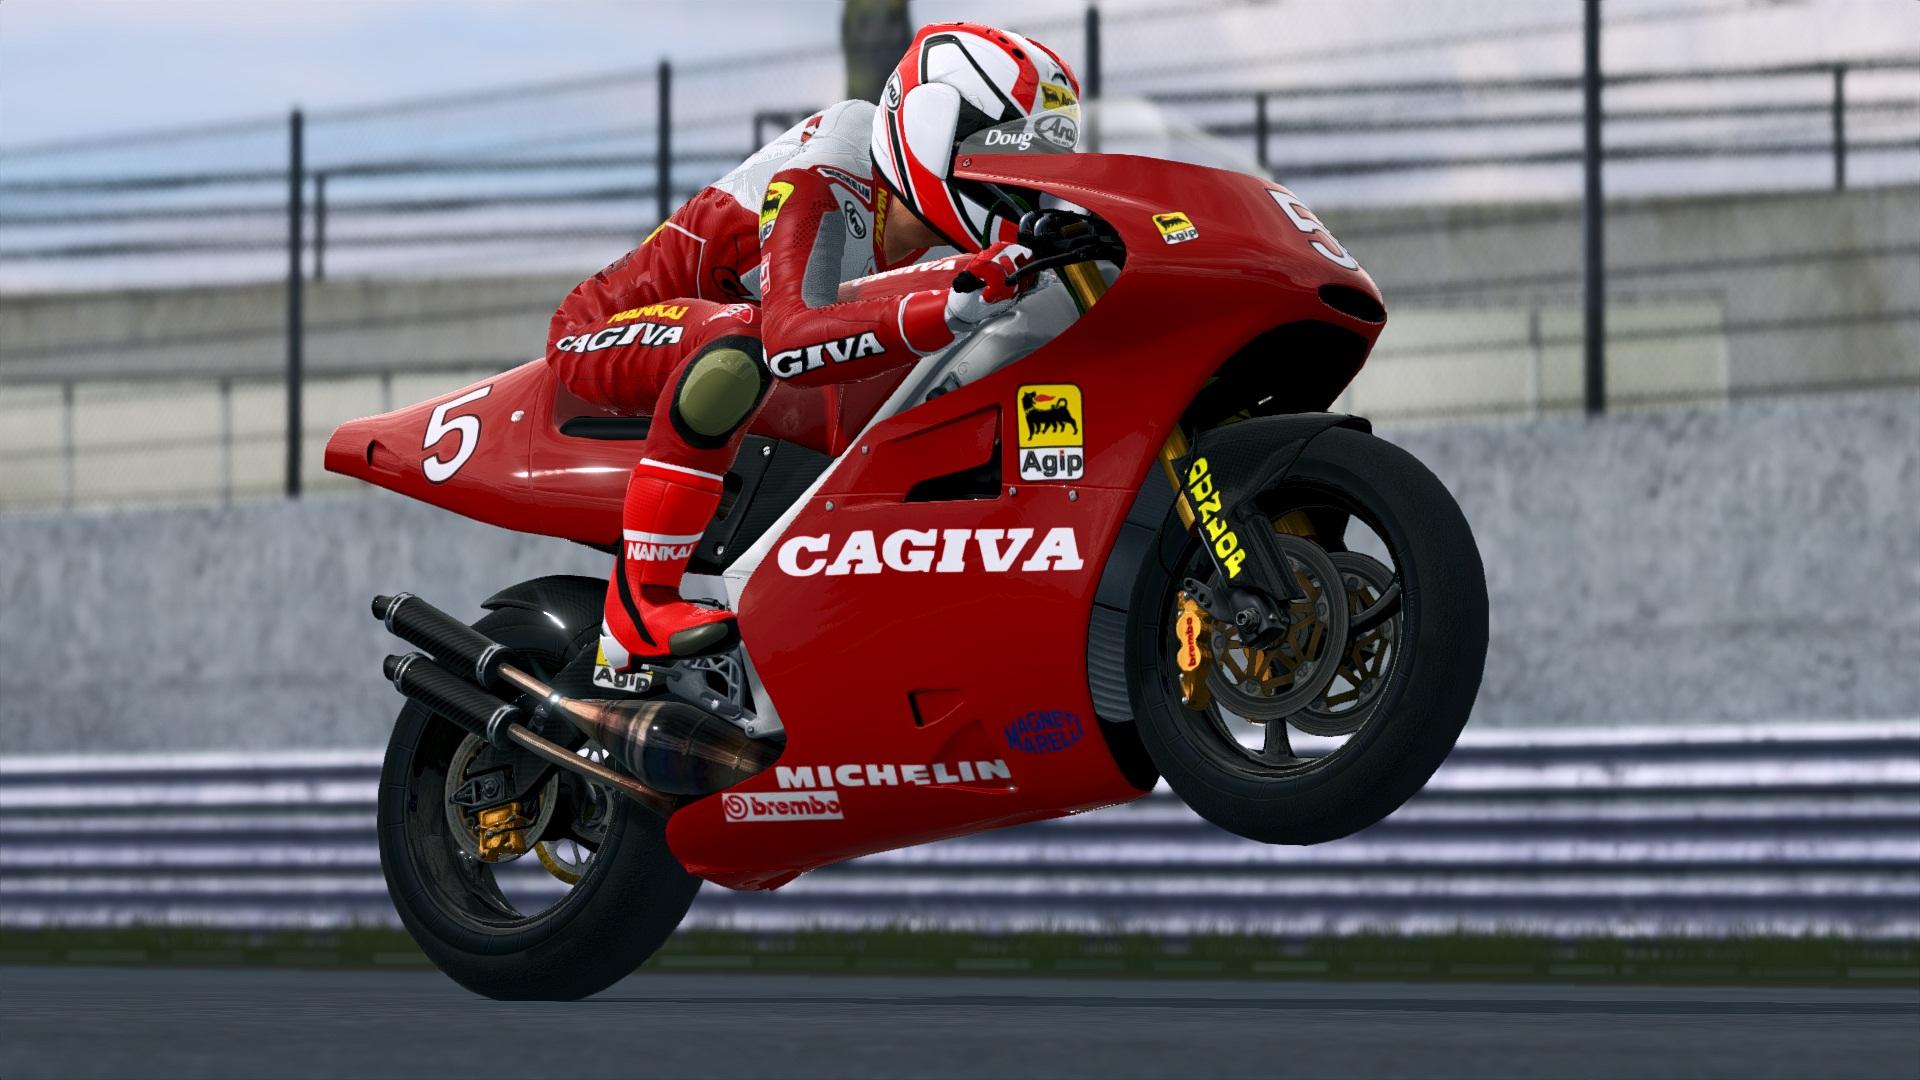 MotoGP14X64.exe_DX11_20140728_213918.jpg